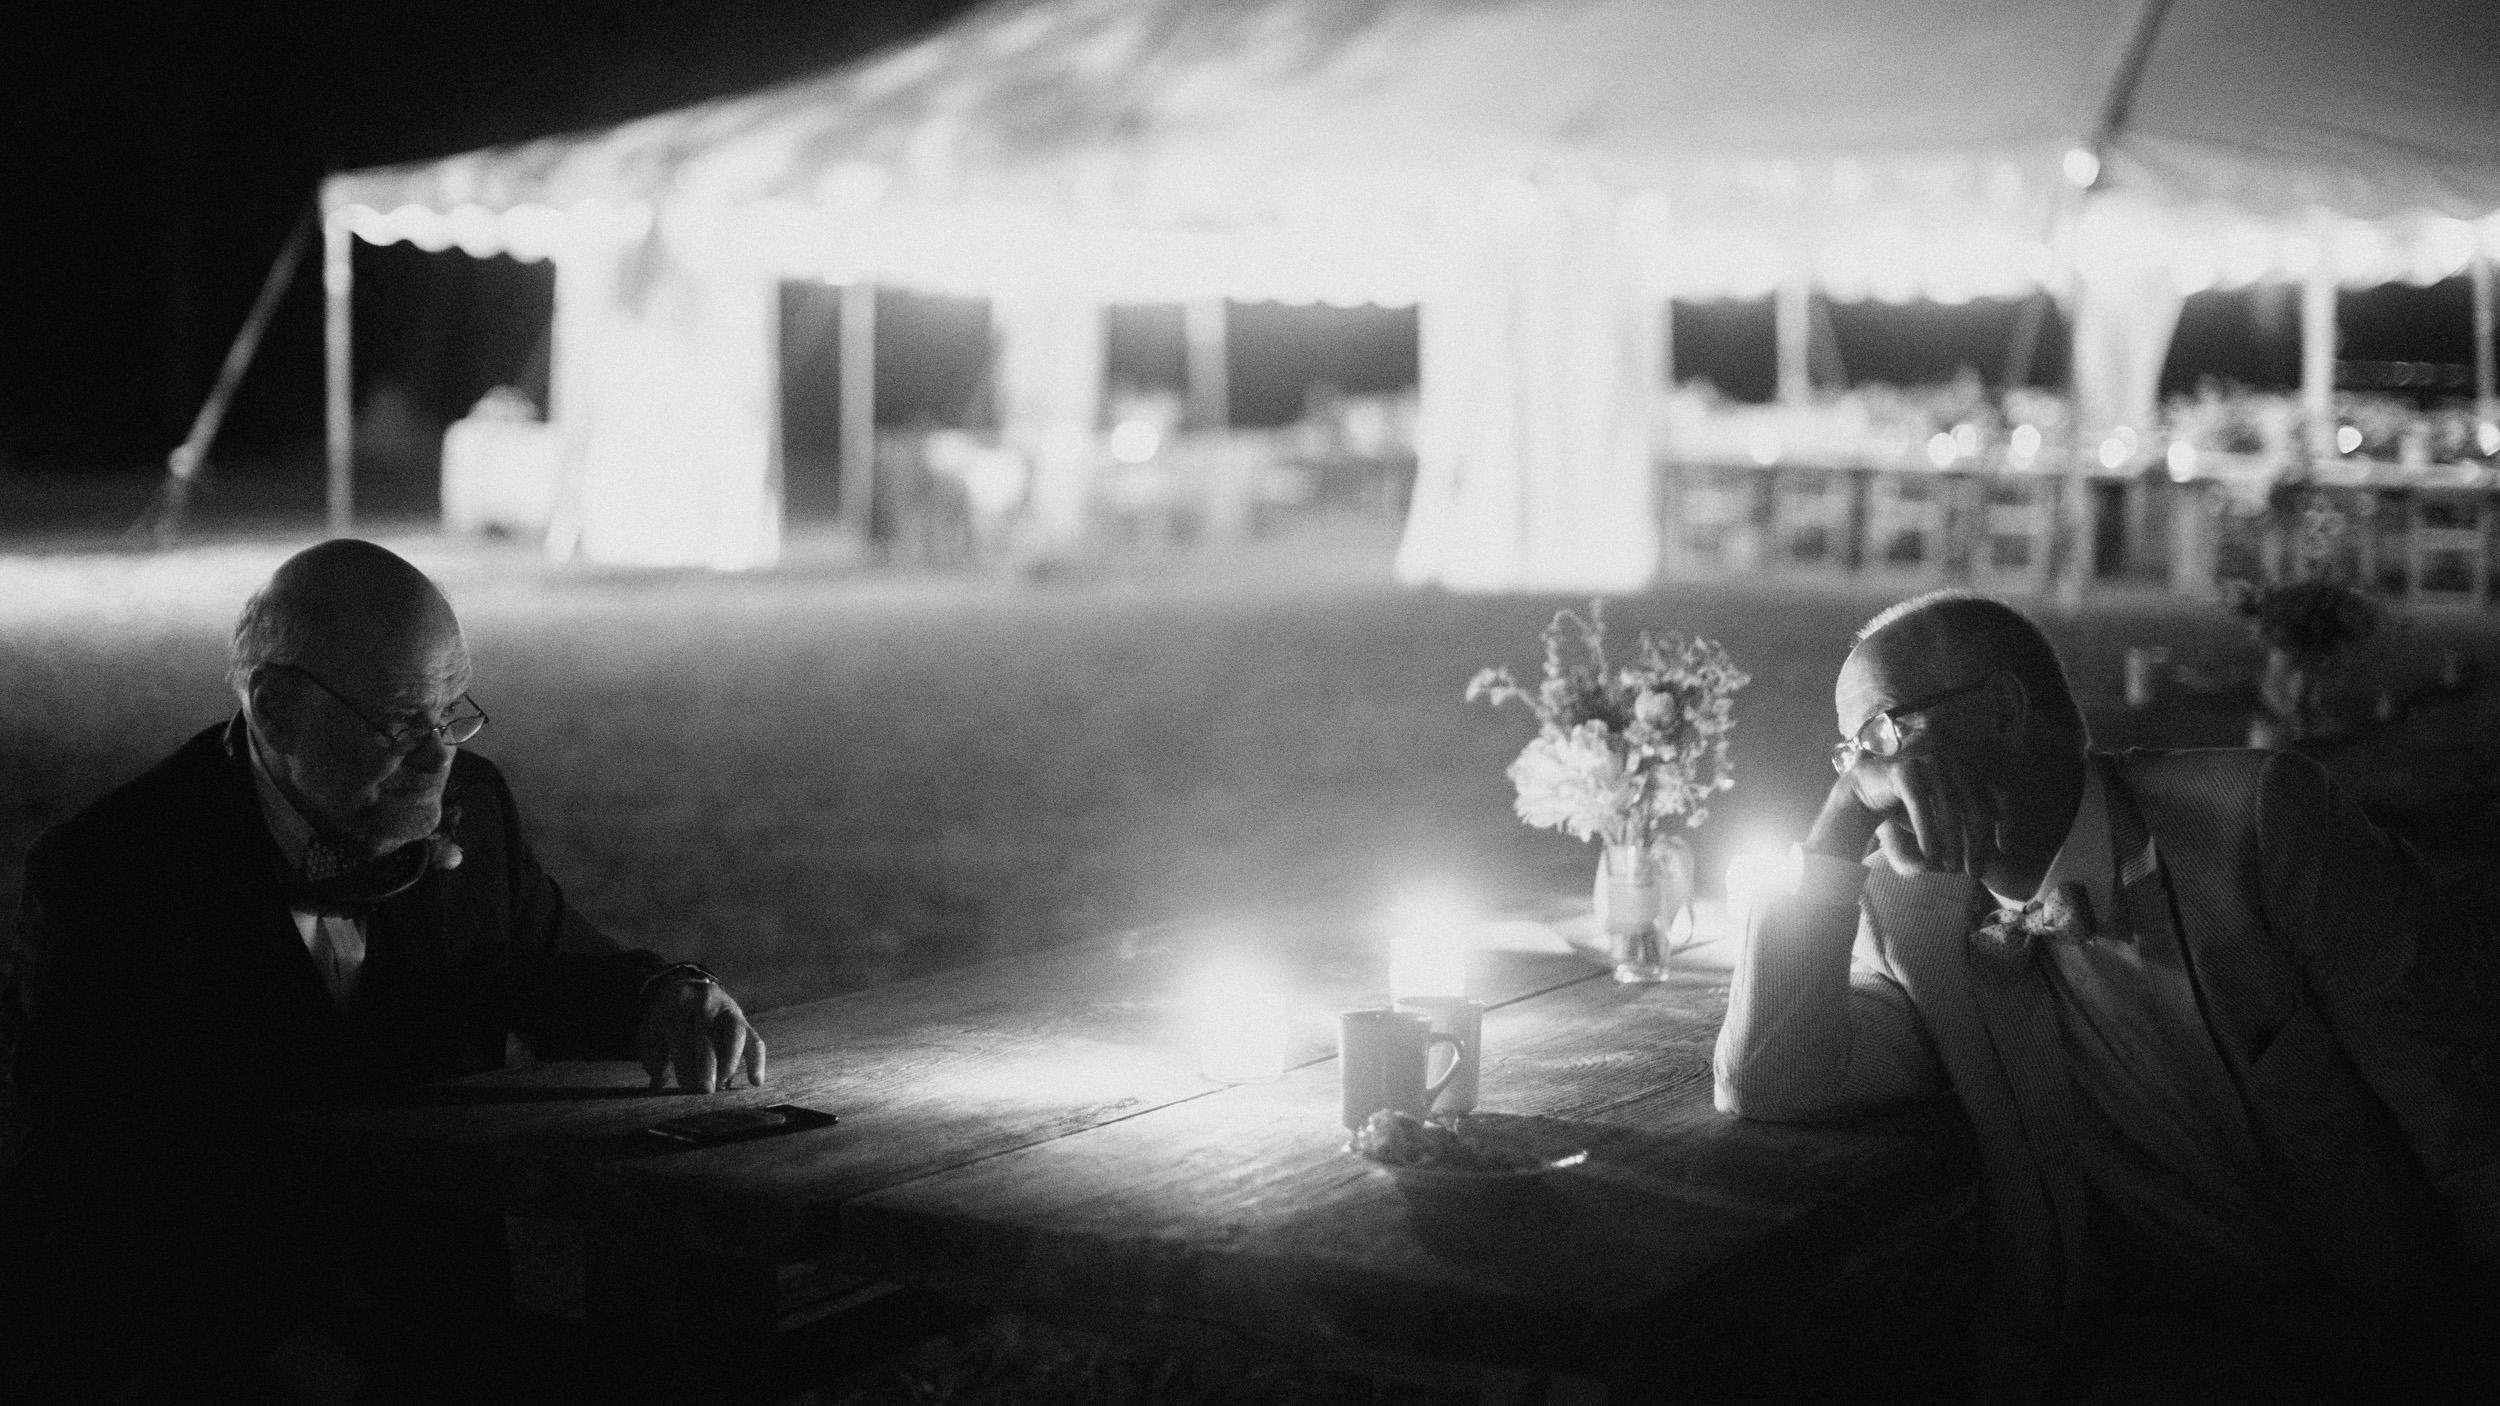 alec_vanderboom_vermont_wedding_photography-0126.jpg